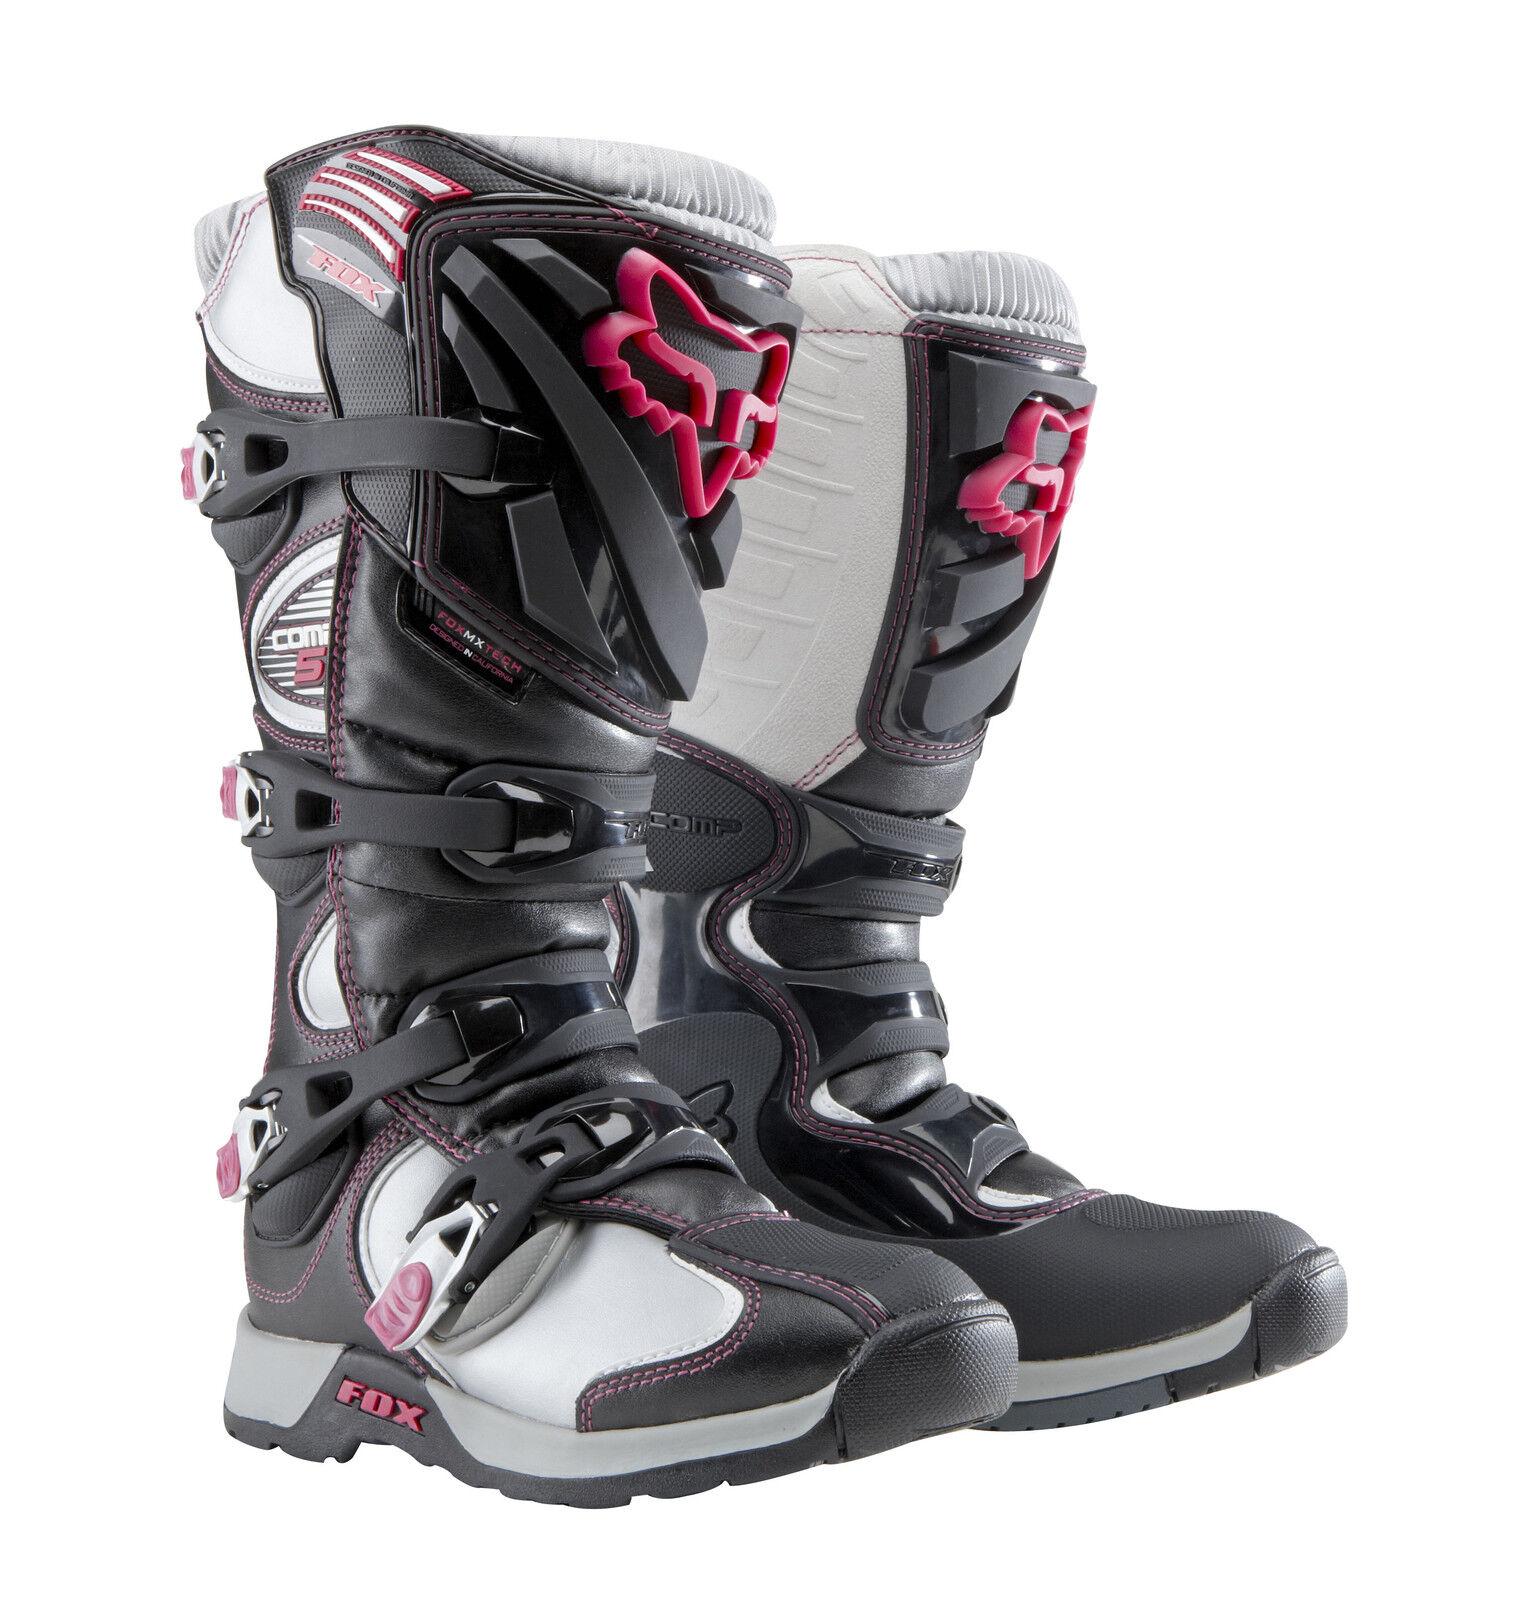 Ladies quad boots